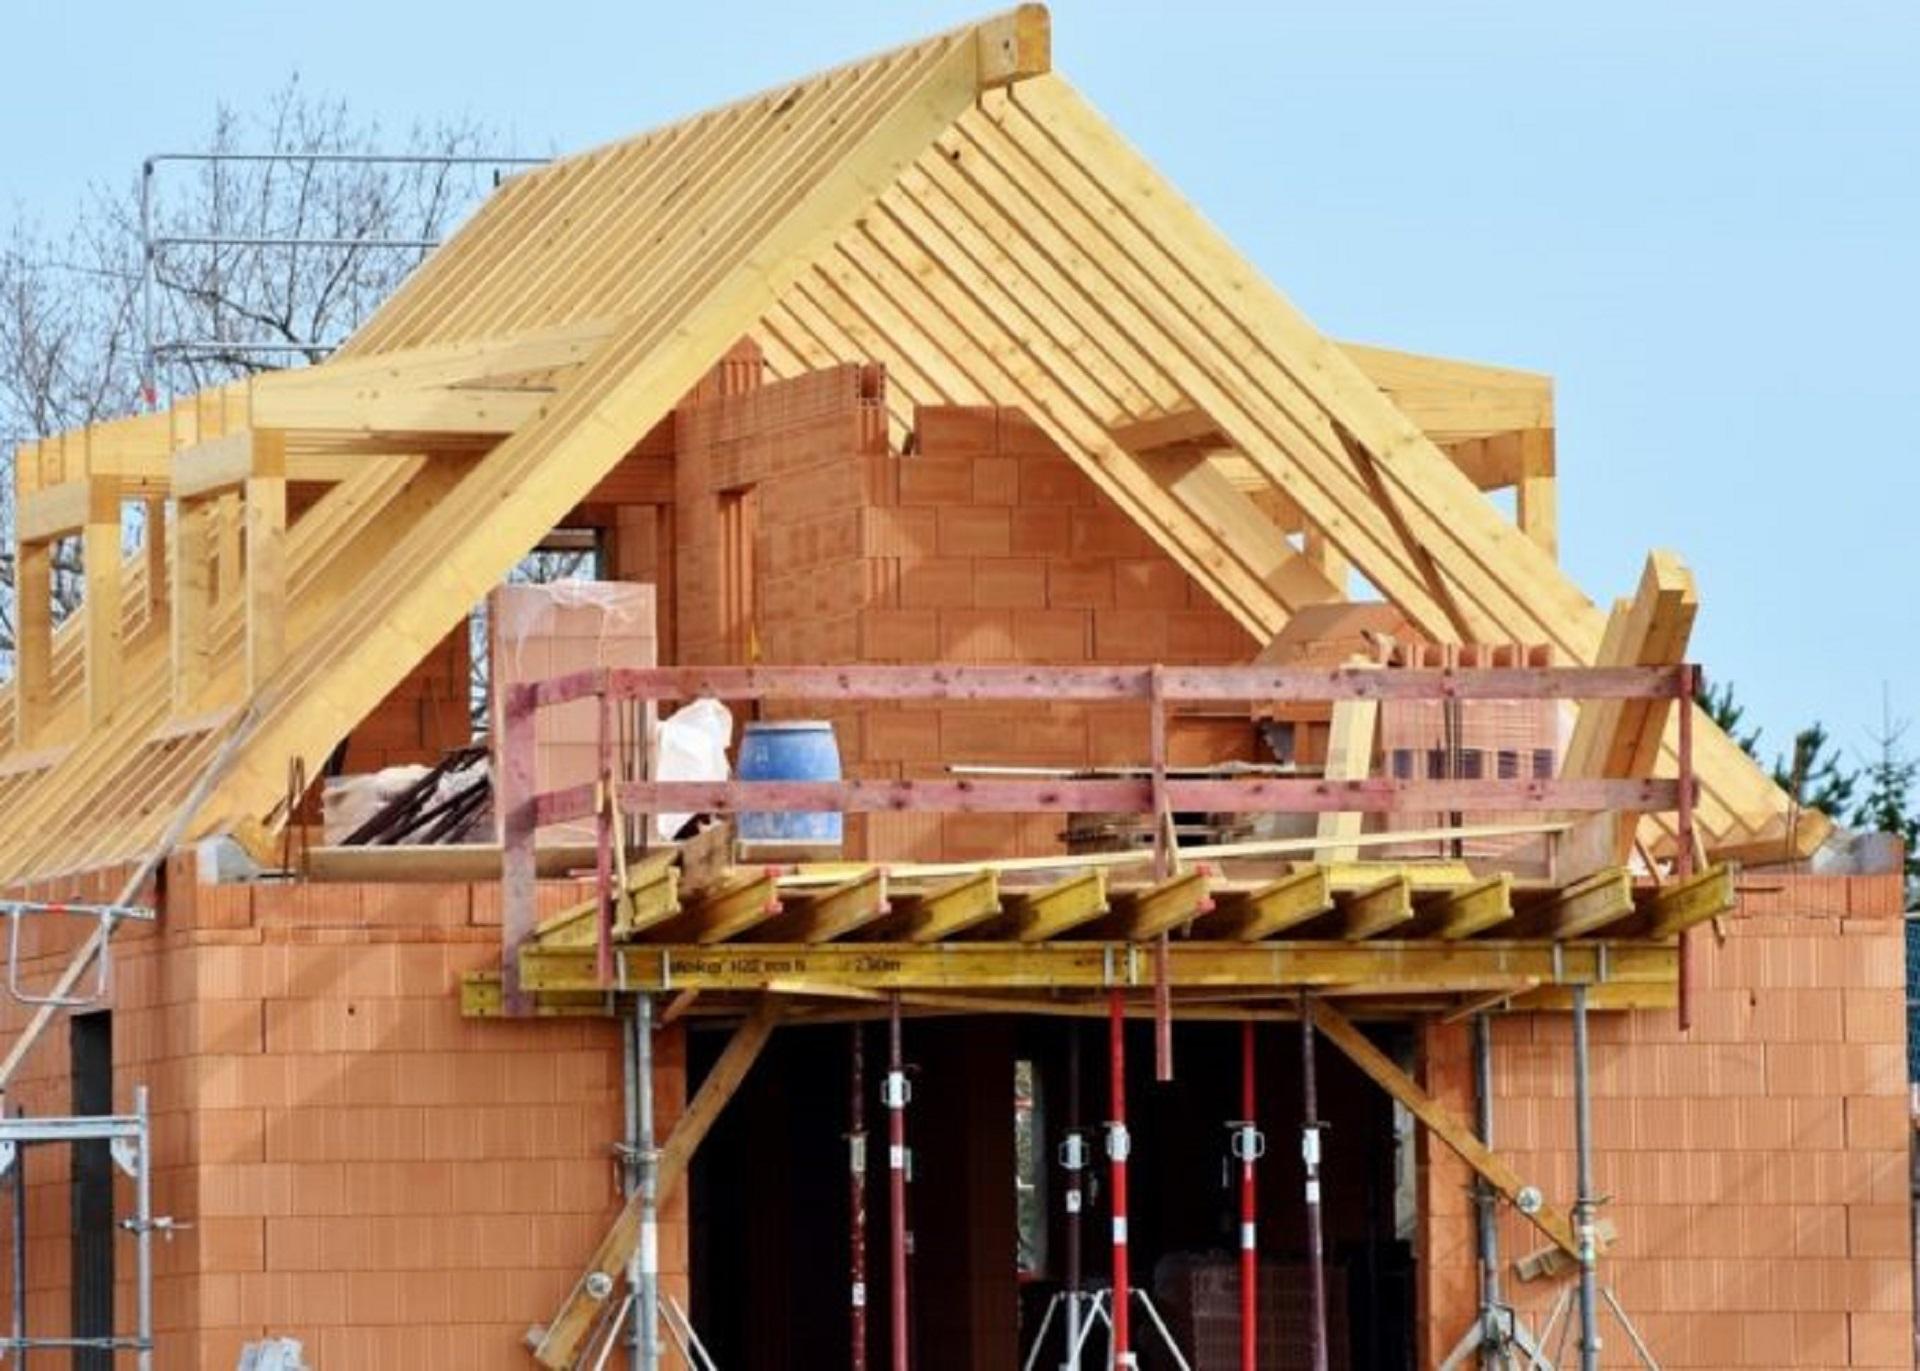 Hypotéka nebo úvěr ze stavebního spoření?